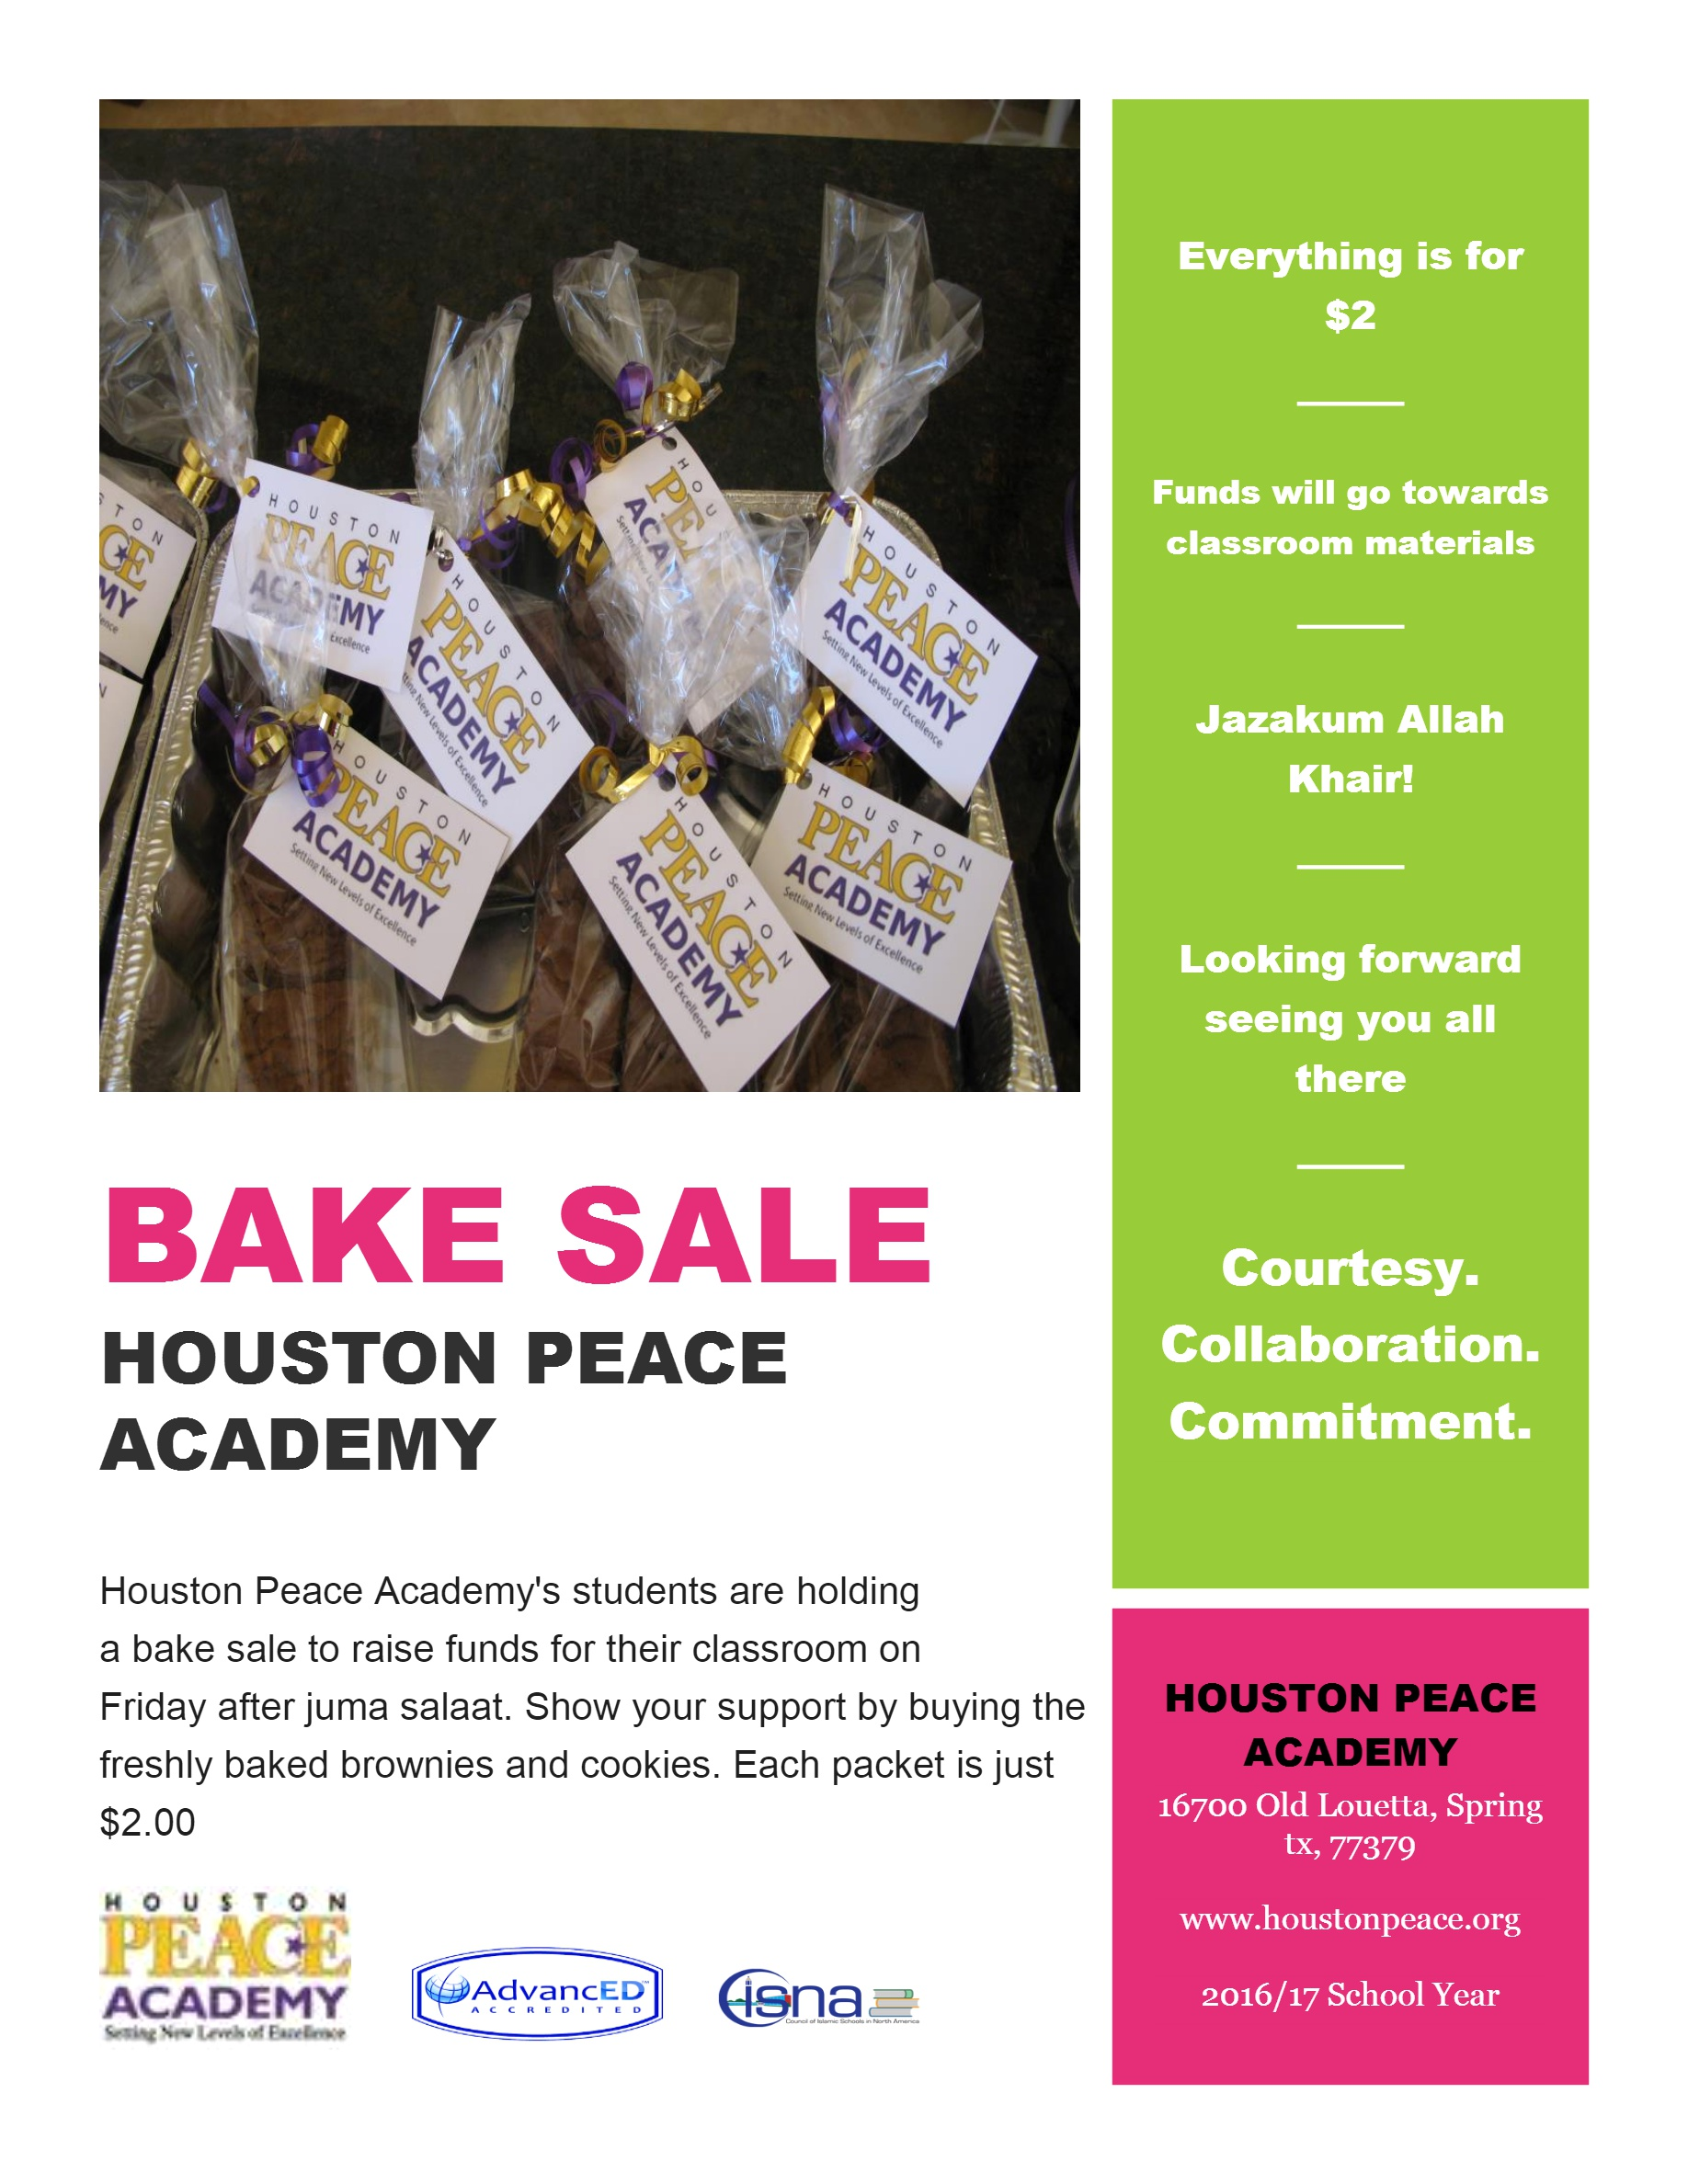 HPA Bake Sales After Jummah